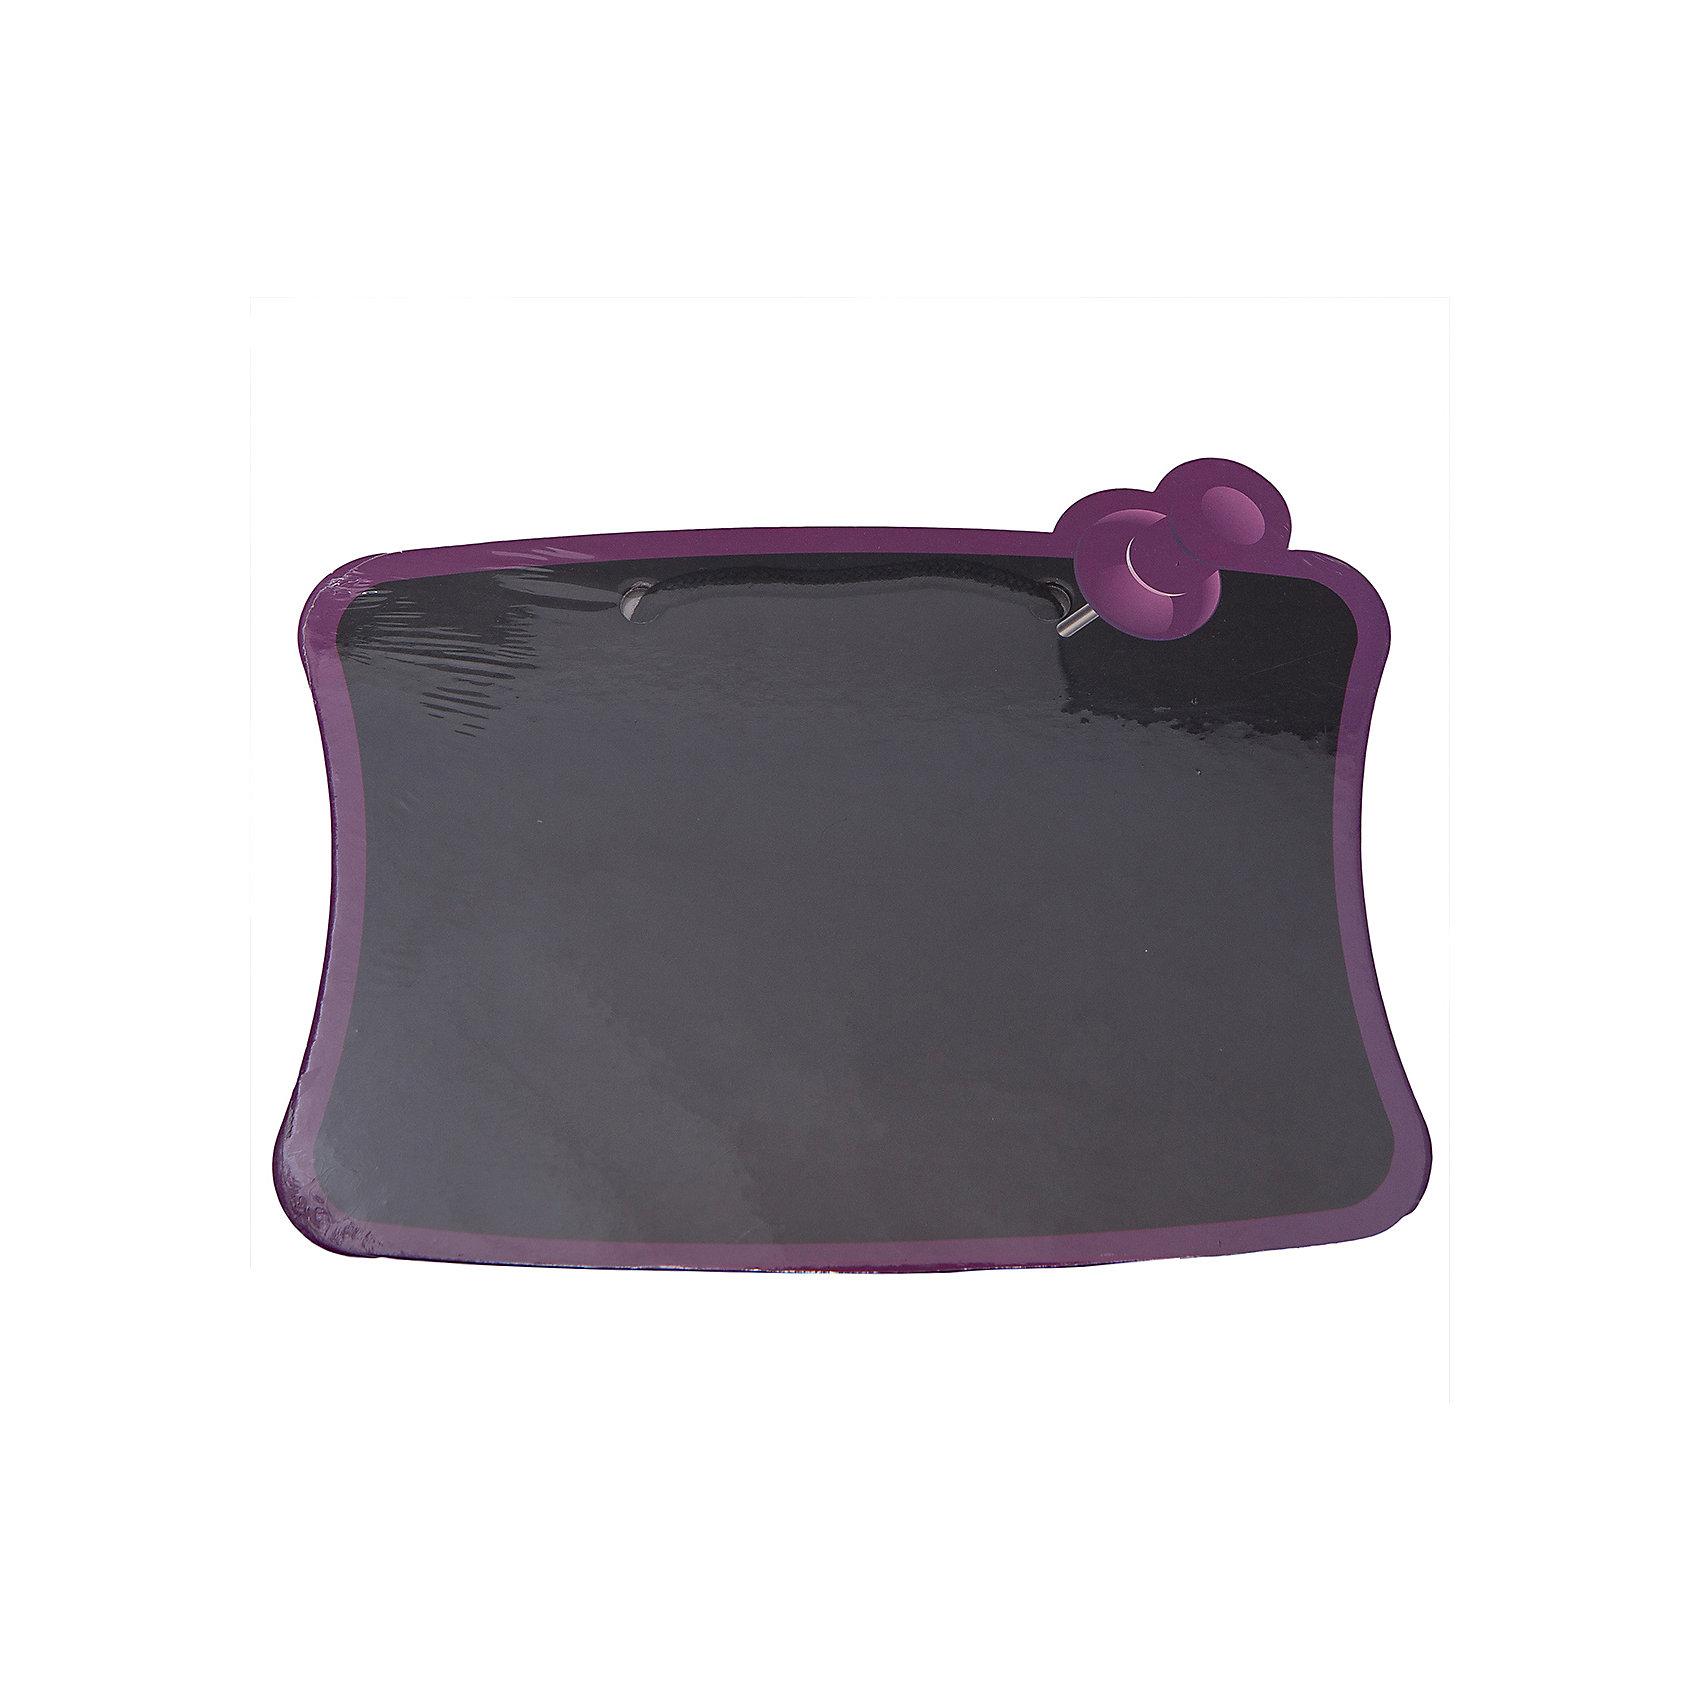 Доска для рисования мелом, 245*180 мм., CENTRUMМебель<br>Доска для рисования мелом, Centrum, прекрасно подойдет для записей и рисования. Доска выполнена в виде листа бумаги, закрепленного с помощью розовой кнопки. Записи или рисунки можно легко стереть обычной тряпкой или губкой. Доска изготовлена из ламинированного картона, имеется специальная ручка для переноски или для подвешивания. <br><br>Дополнительная информация:<br><br>- Цвет: черный.<br>- Материал: ламинированный картон.  <br>- Размер доски: 24,5 х 18 см. <br>- Размер упаковки: 0,3 х 26,5 х 19,5 см.<br>- Вес: 93 гр. <br><br>Доску для рисования мелом, Centrum, можно купить в нашем интернет-магазине.<br><br>Ширина мм: 3<br>Глубина мм: 265<br>Высота мм: 195<br>Вес г: 93<br>Возраст от месяцев: 36<br>Возраст до месяцев: 120<br>Пол: Унисекс<br>Возраст: Детский<br>SKU: 4356983